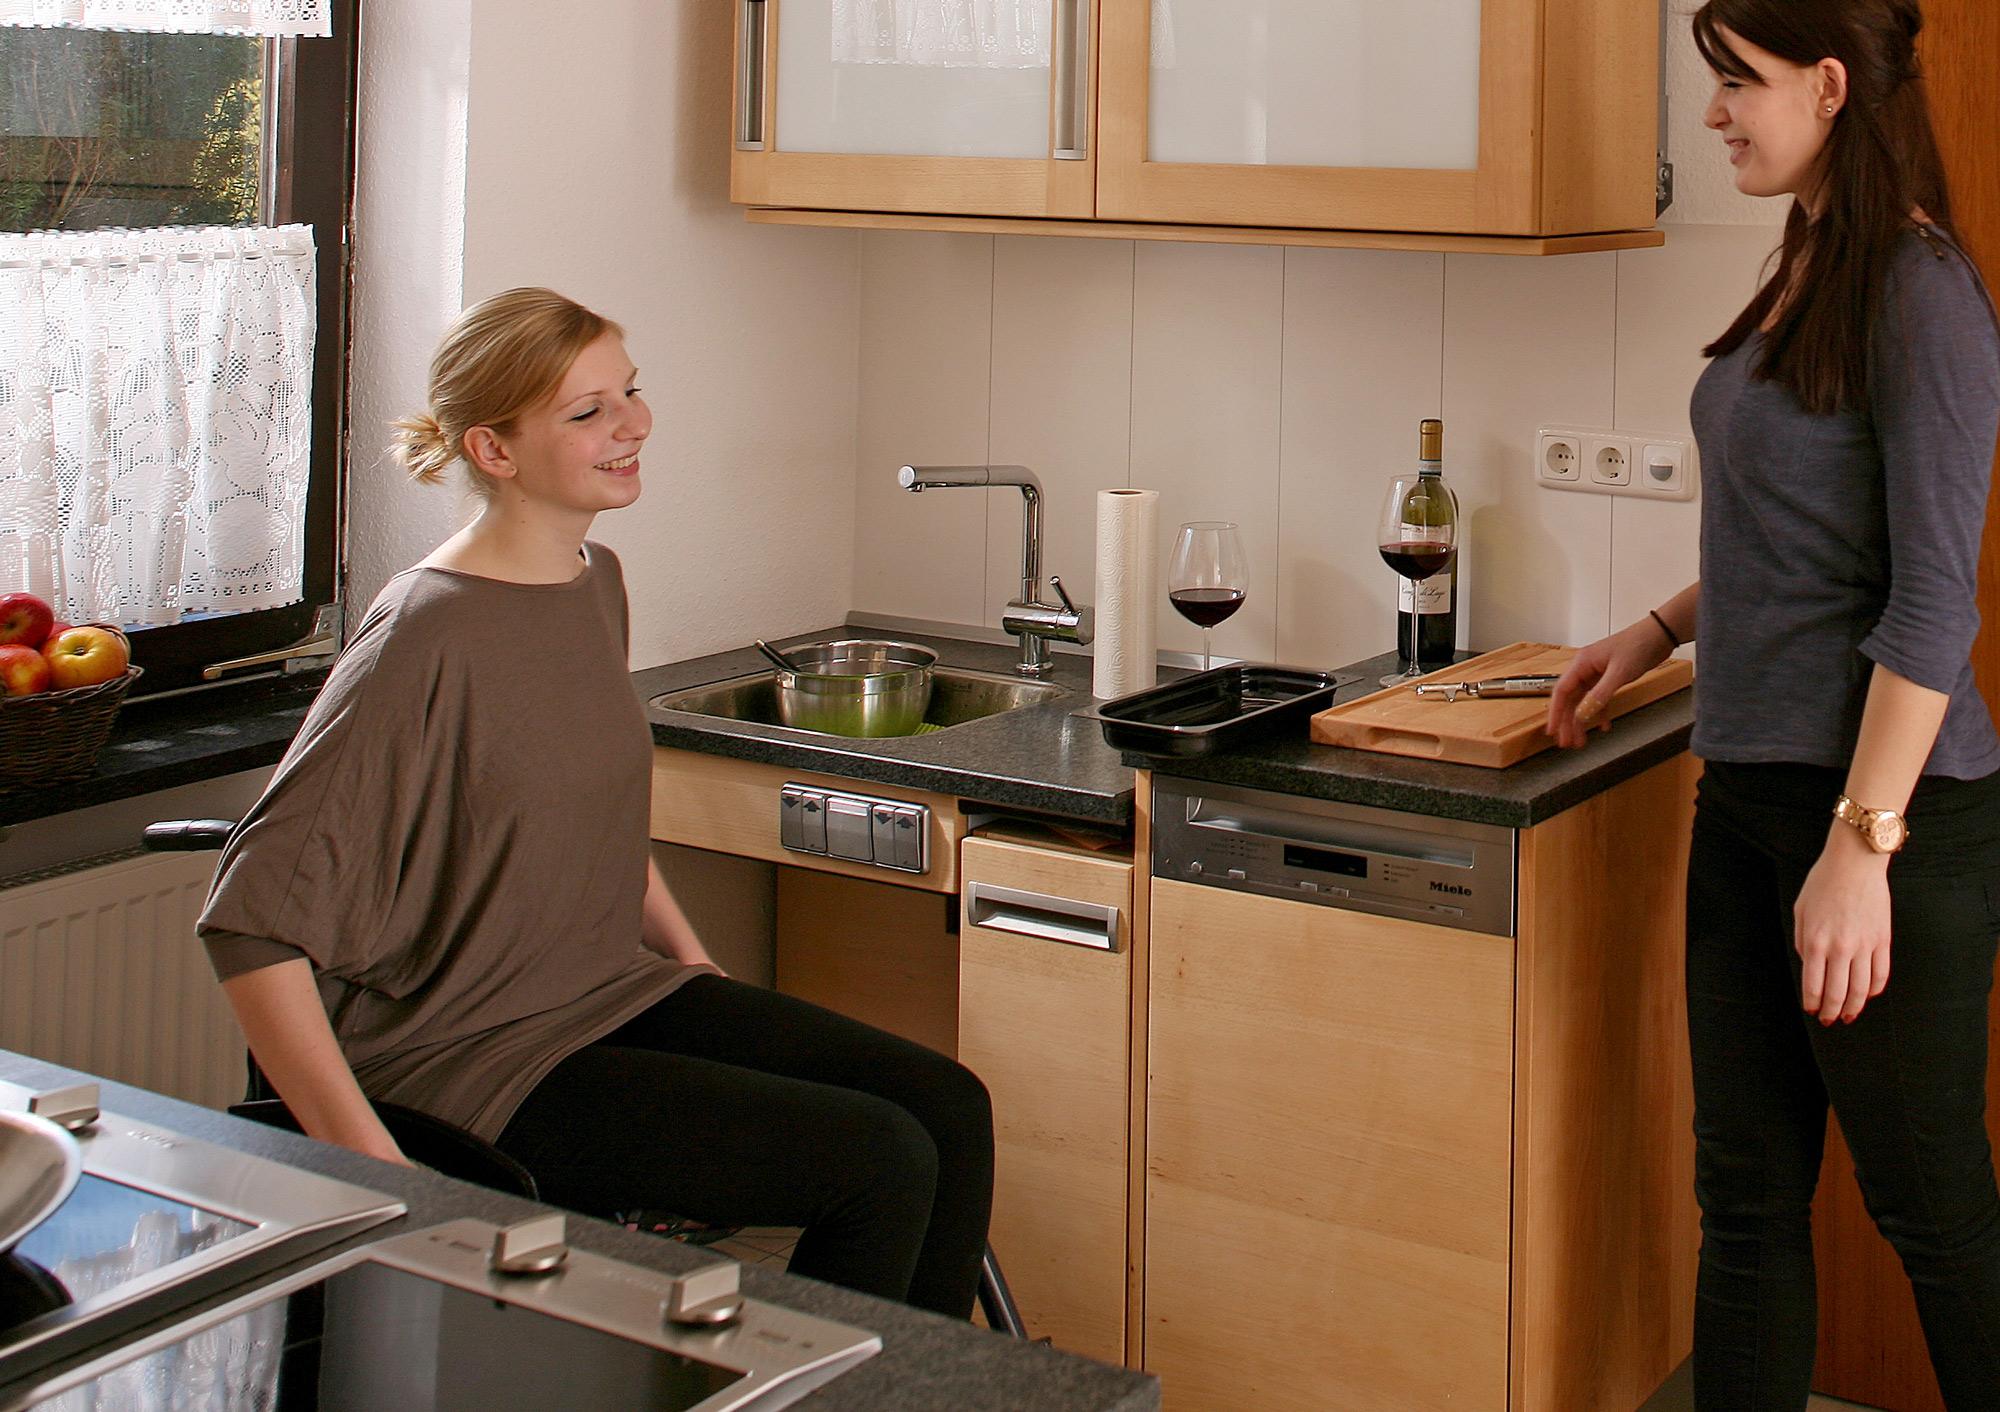 Full Size of Küche U Form Mit Theke Müllsystem Rosa Hängeschrank Höhe Ebay Kaufen Günstig Niederdruck Armatur Einrichten Blende Obi Einbauküche Vorratsdosen Küche Behindertengerechte Küche